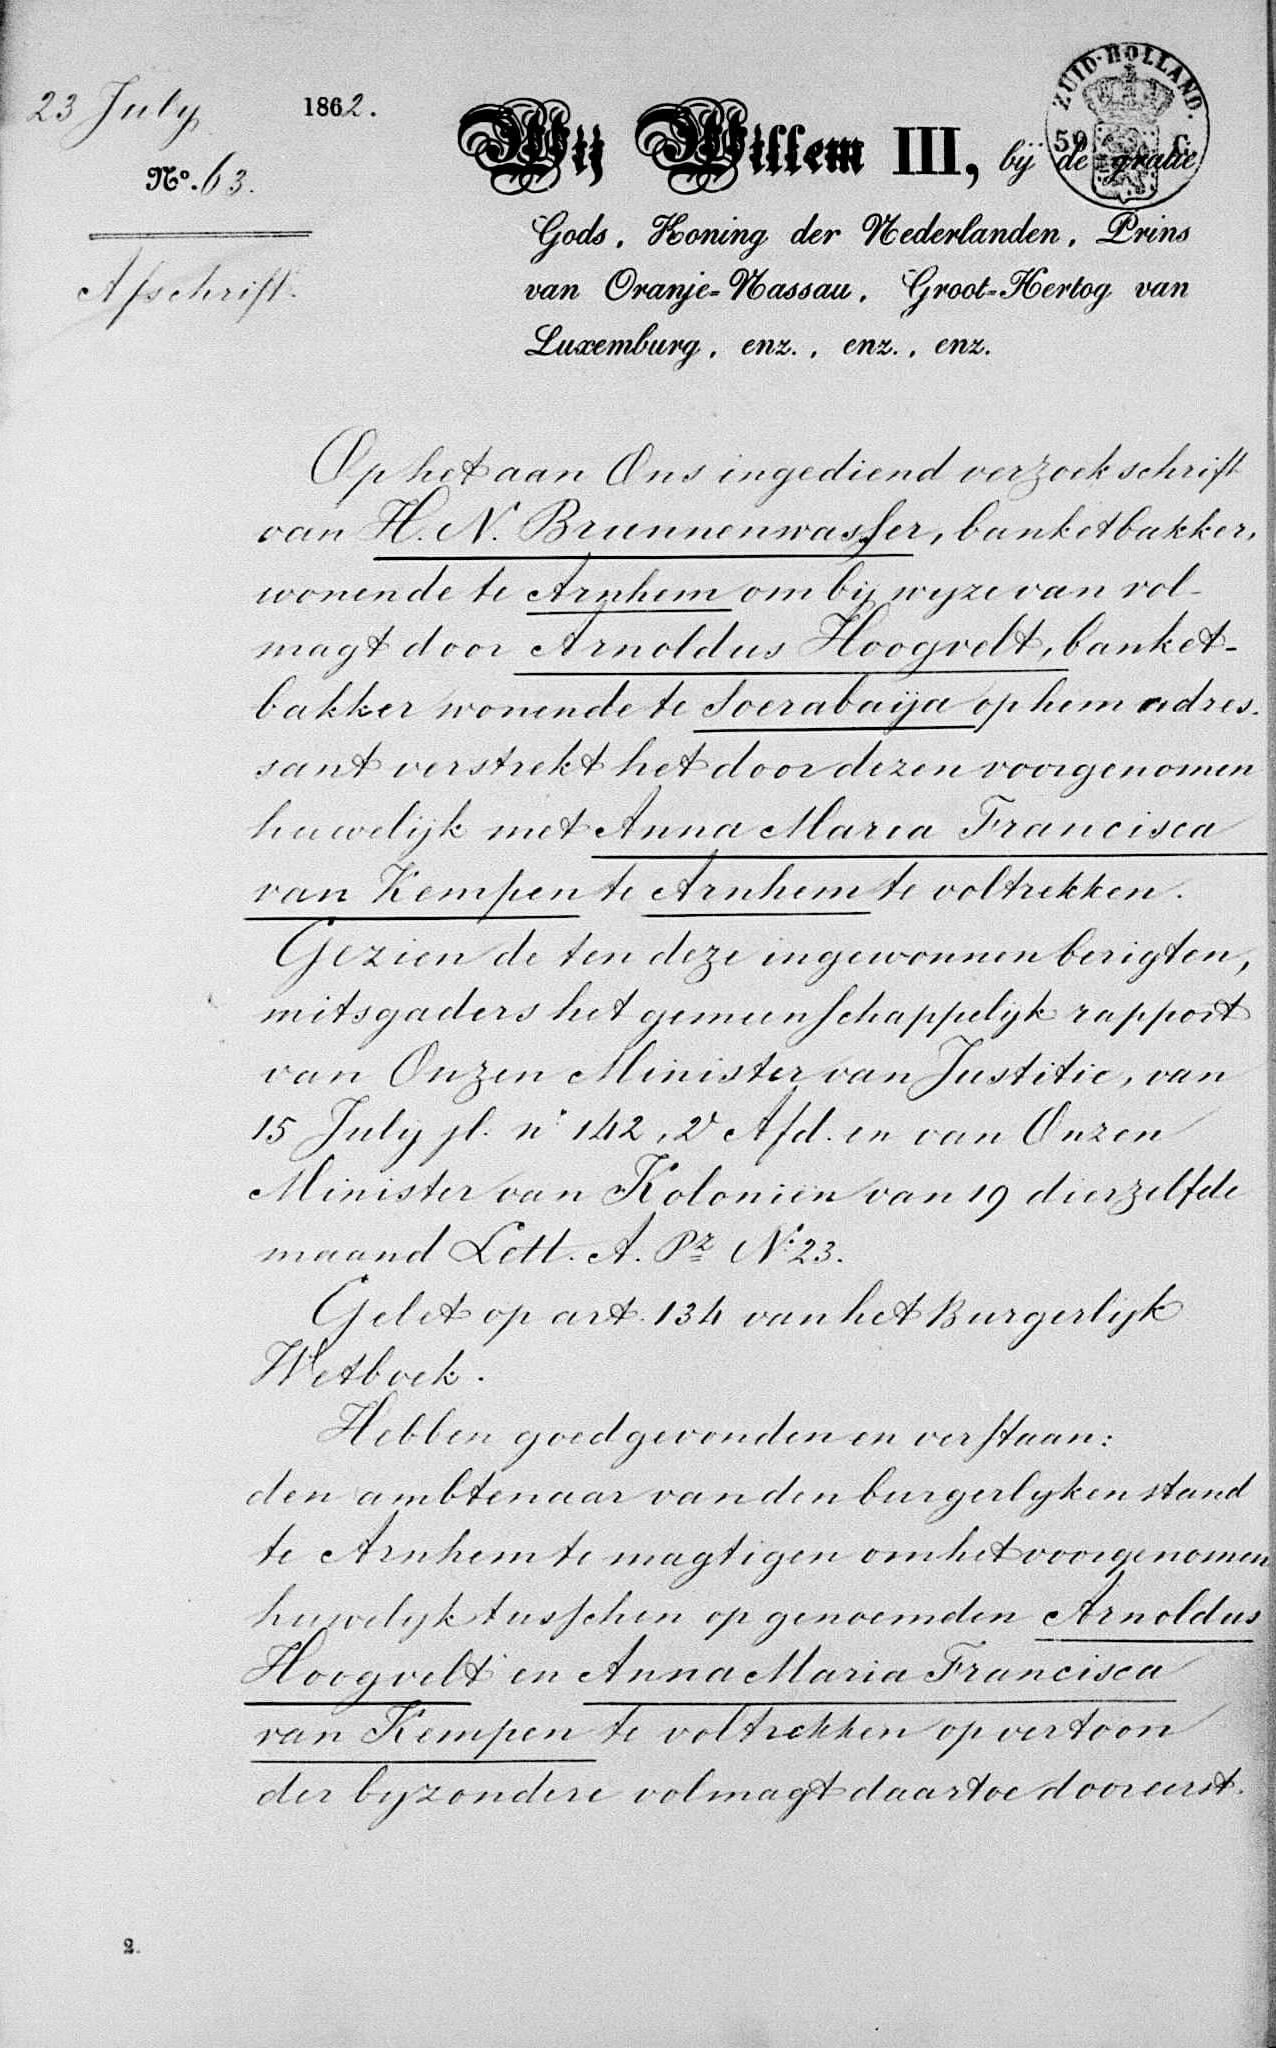 Huwelijksdispensatie (Wiesbaden, 23 juli 1862)